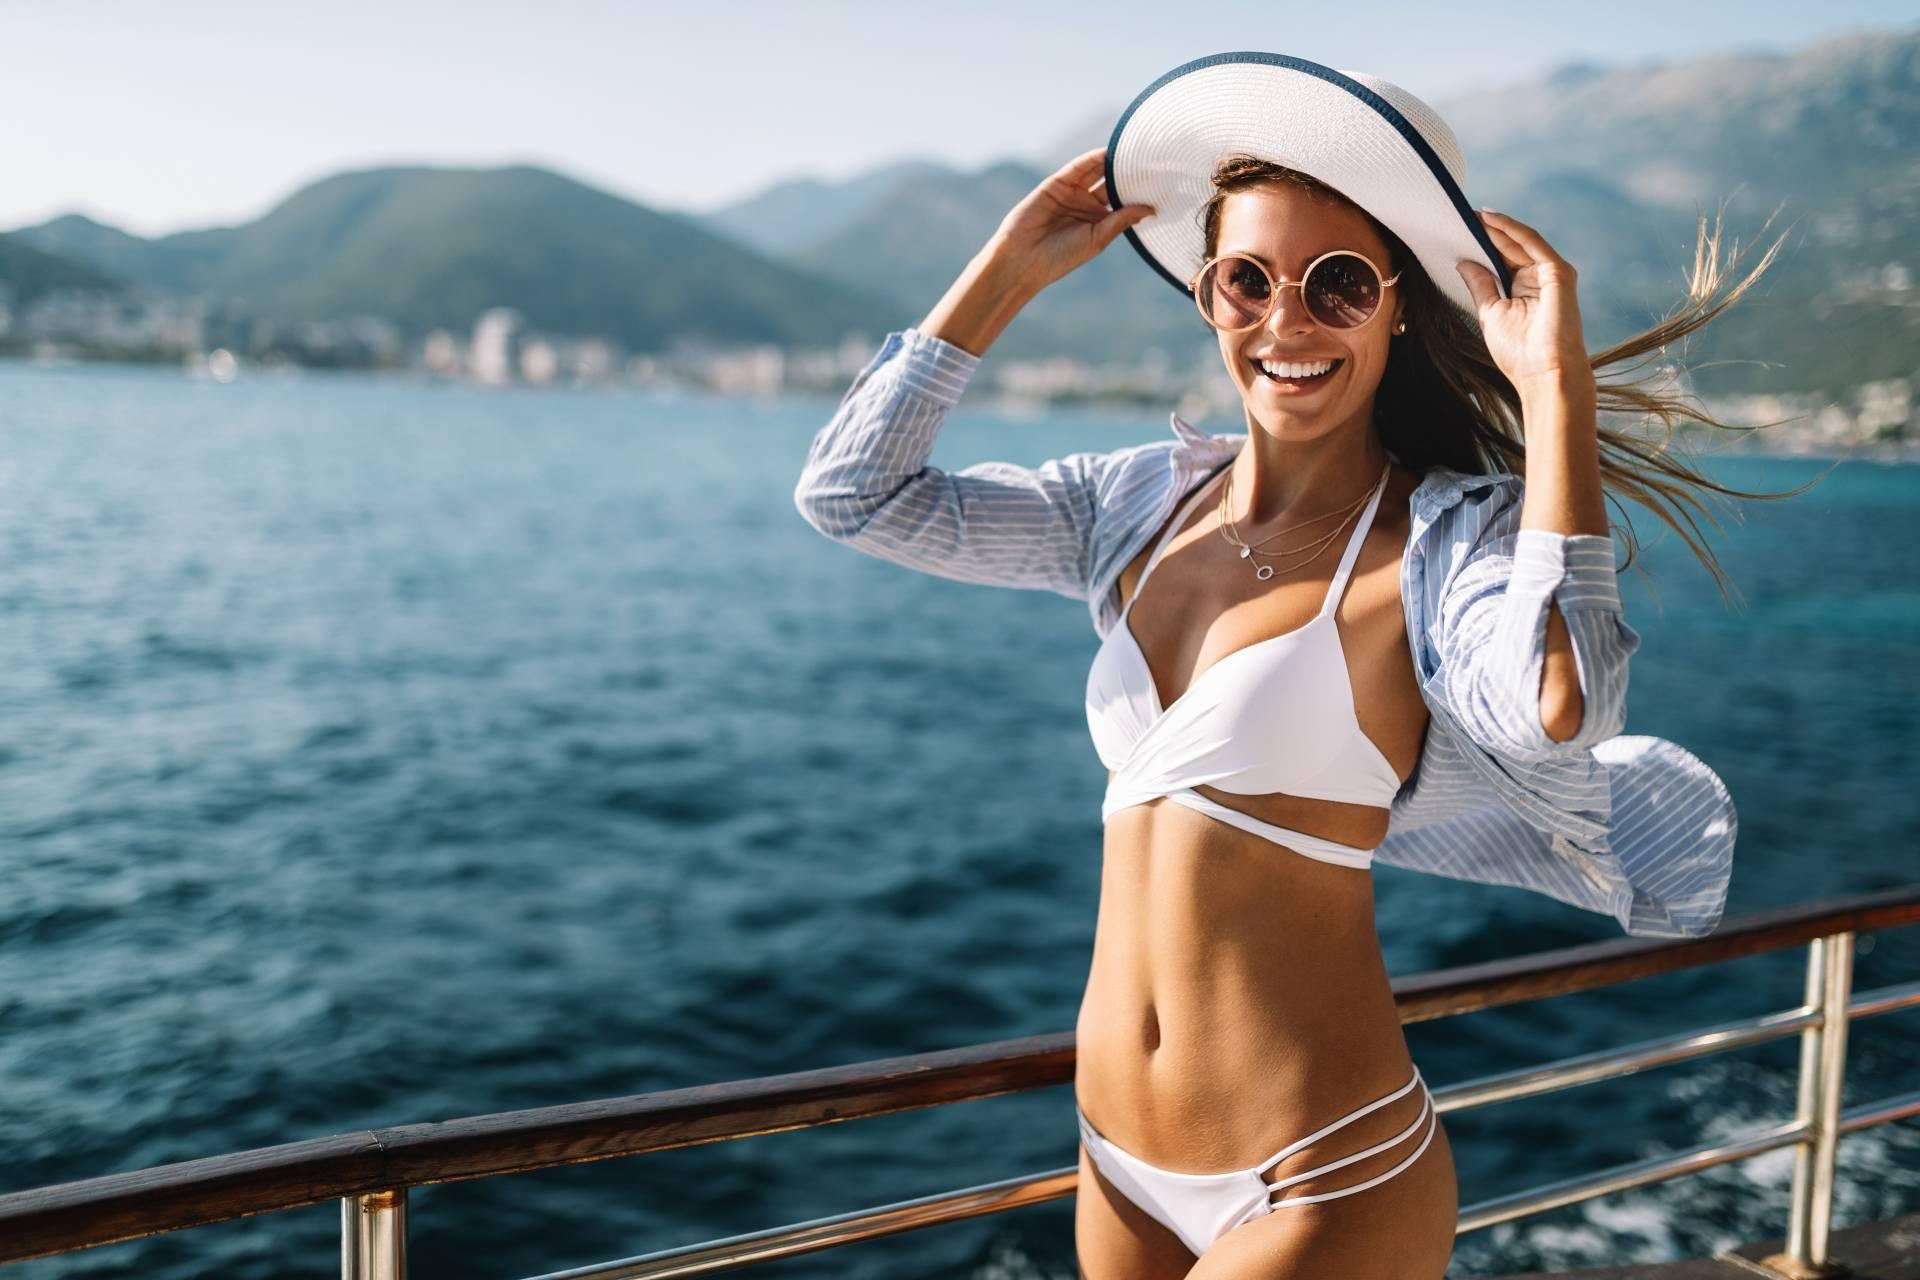 Przebarwienia na skórze. Jak ich uniknąć? Atrakcyjna kobieta w stroju kąpielowym i kapeluszu stoi na pomoście nad jeziorem.